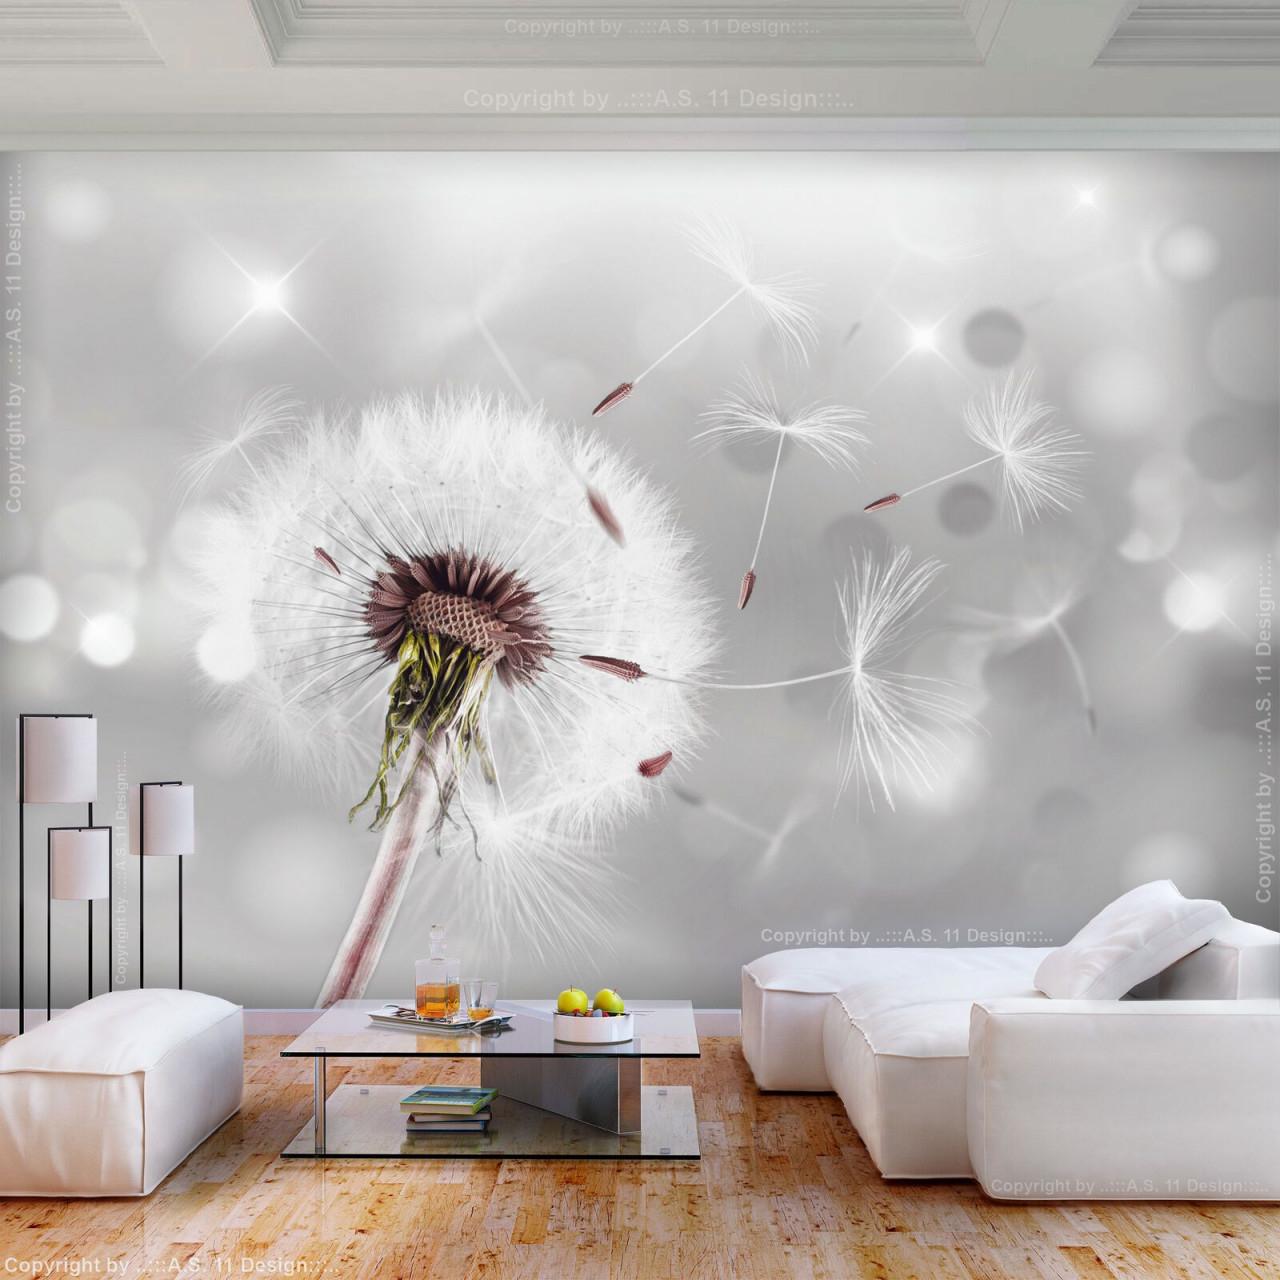 Vlies Fototapete Blumen Pusteblume Grau Tapete Wandbilder von Moderne Fototapeten Für Wohnzimmer Bild